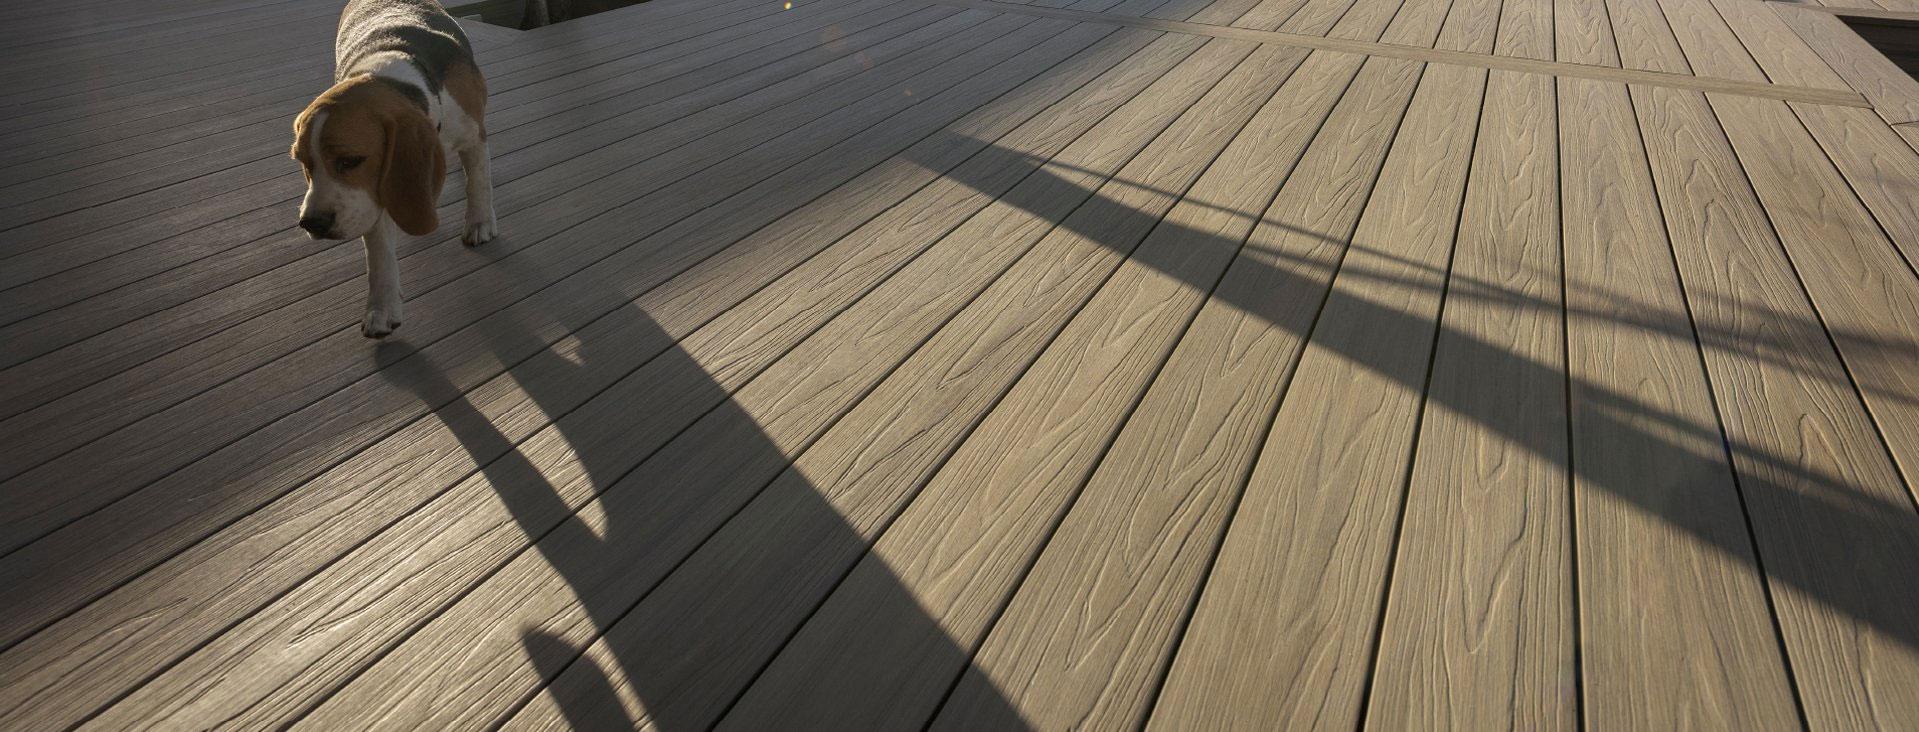 ultrashield-havuz-deck-kaplama-villa-2